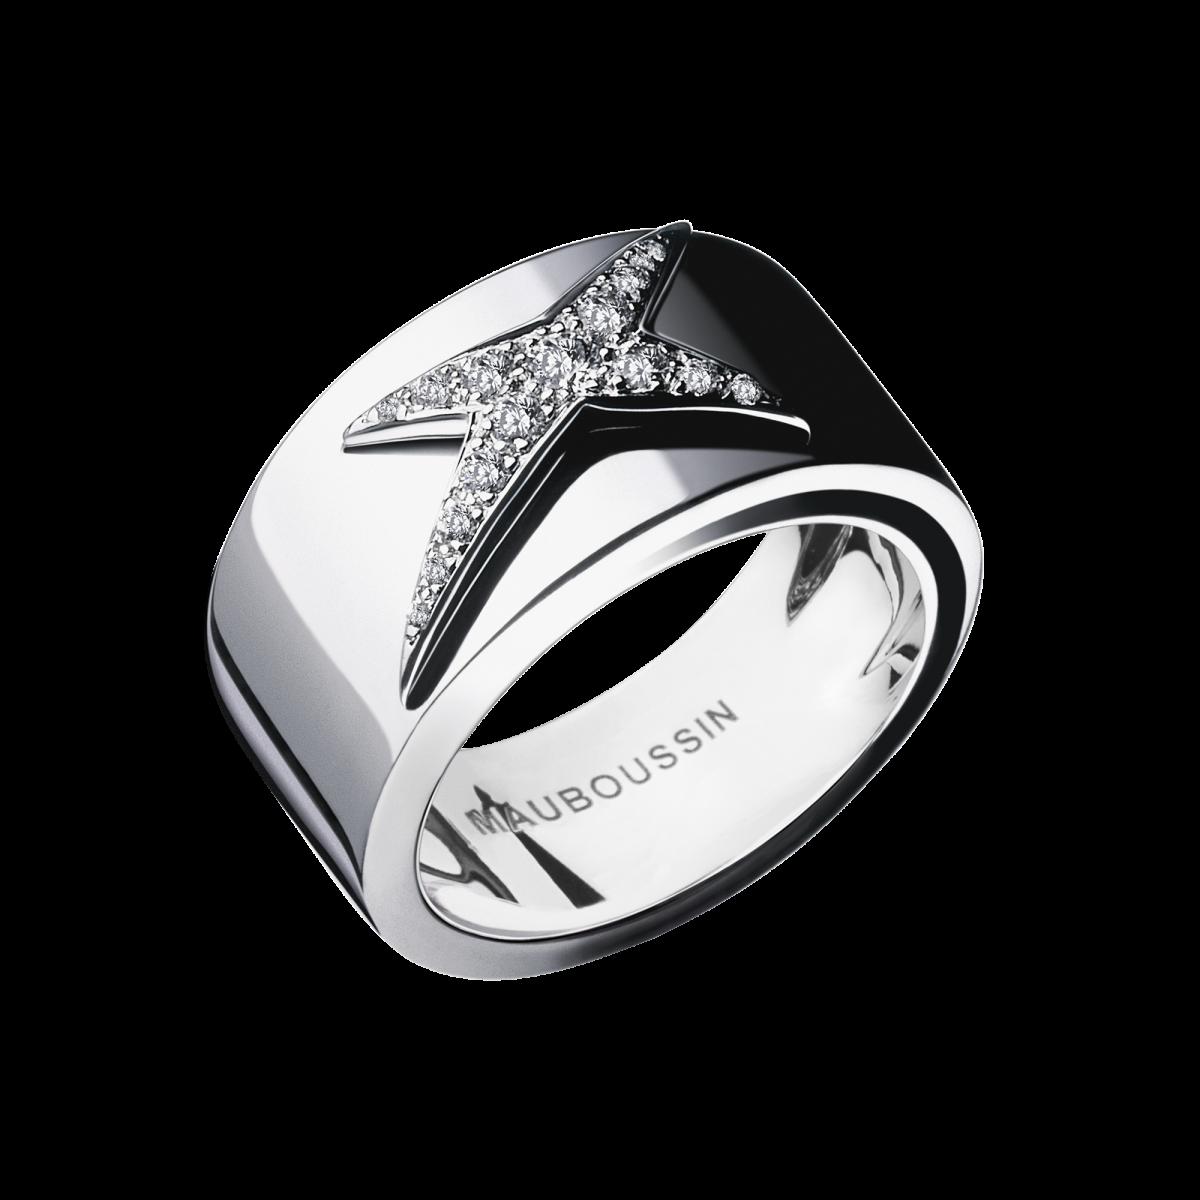 Très Bague Etoile Divine, or blanc, pavage diamants - Mauboussin  PG56